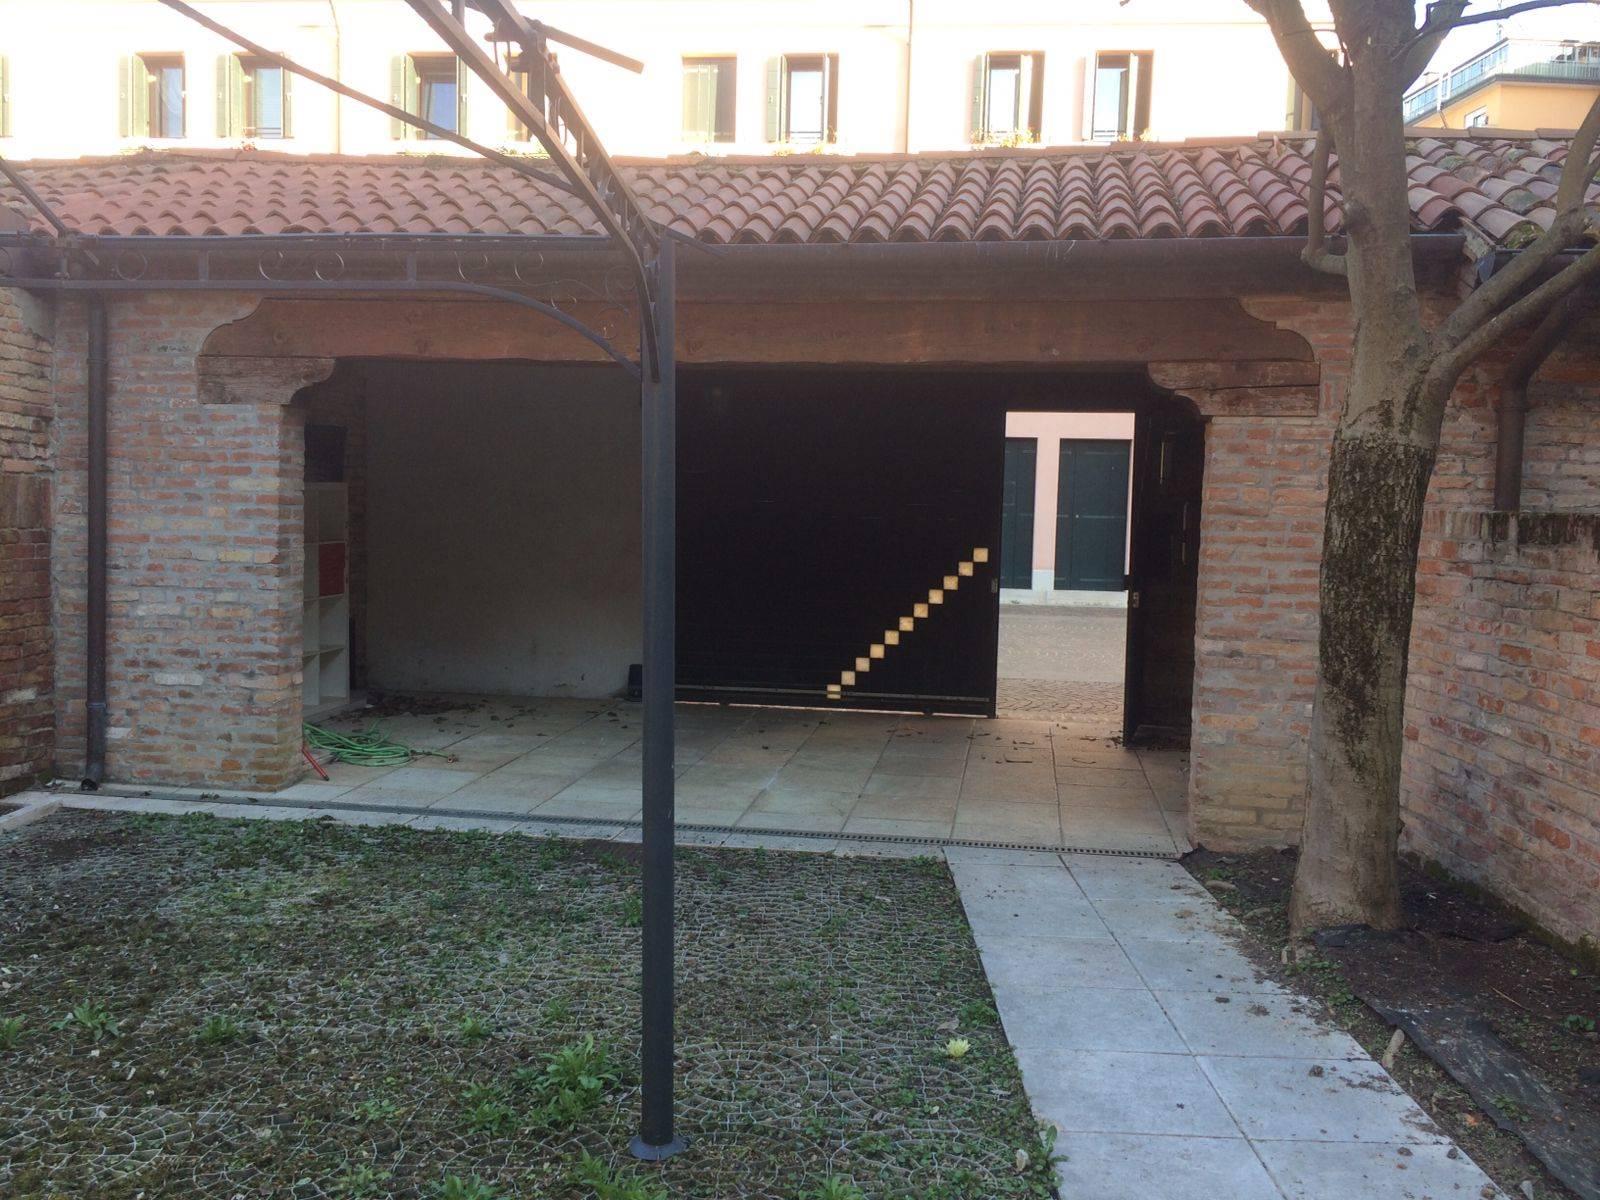 posti auto giardino privato Mestre centro € 1500